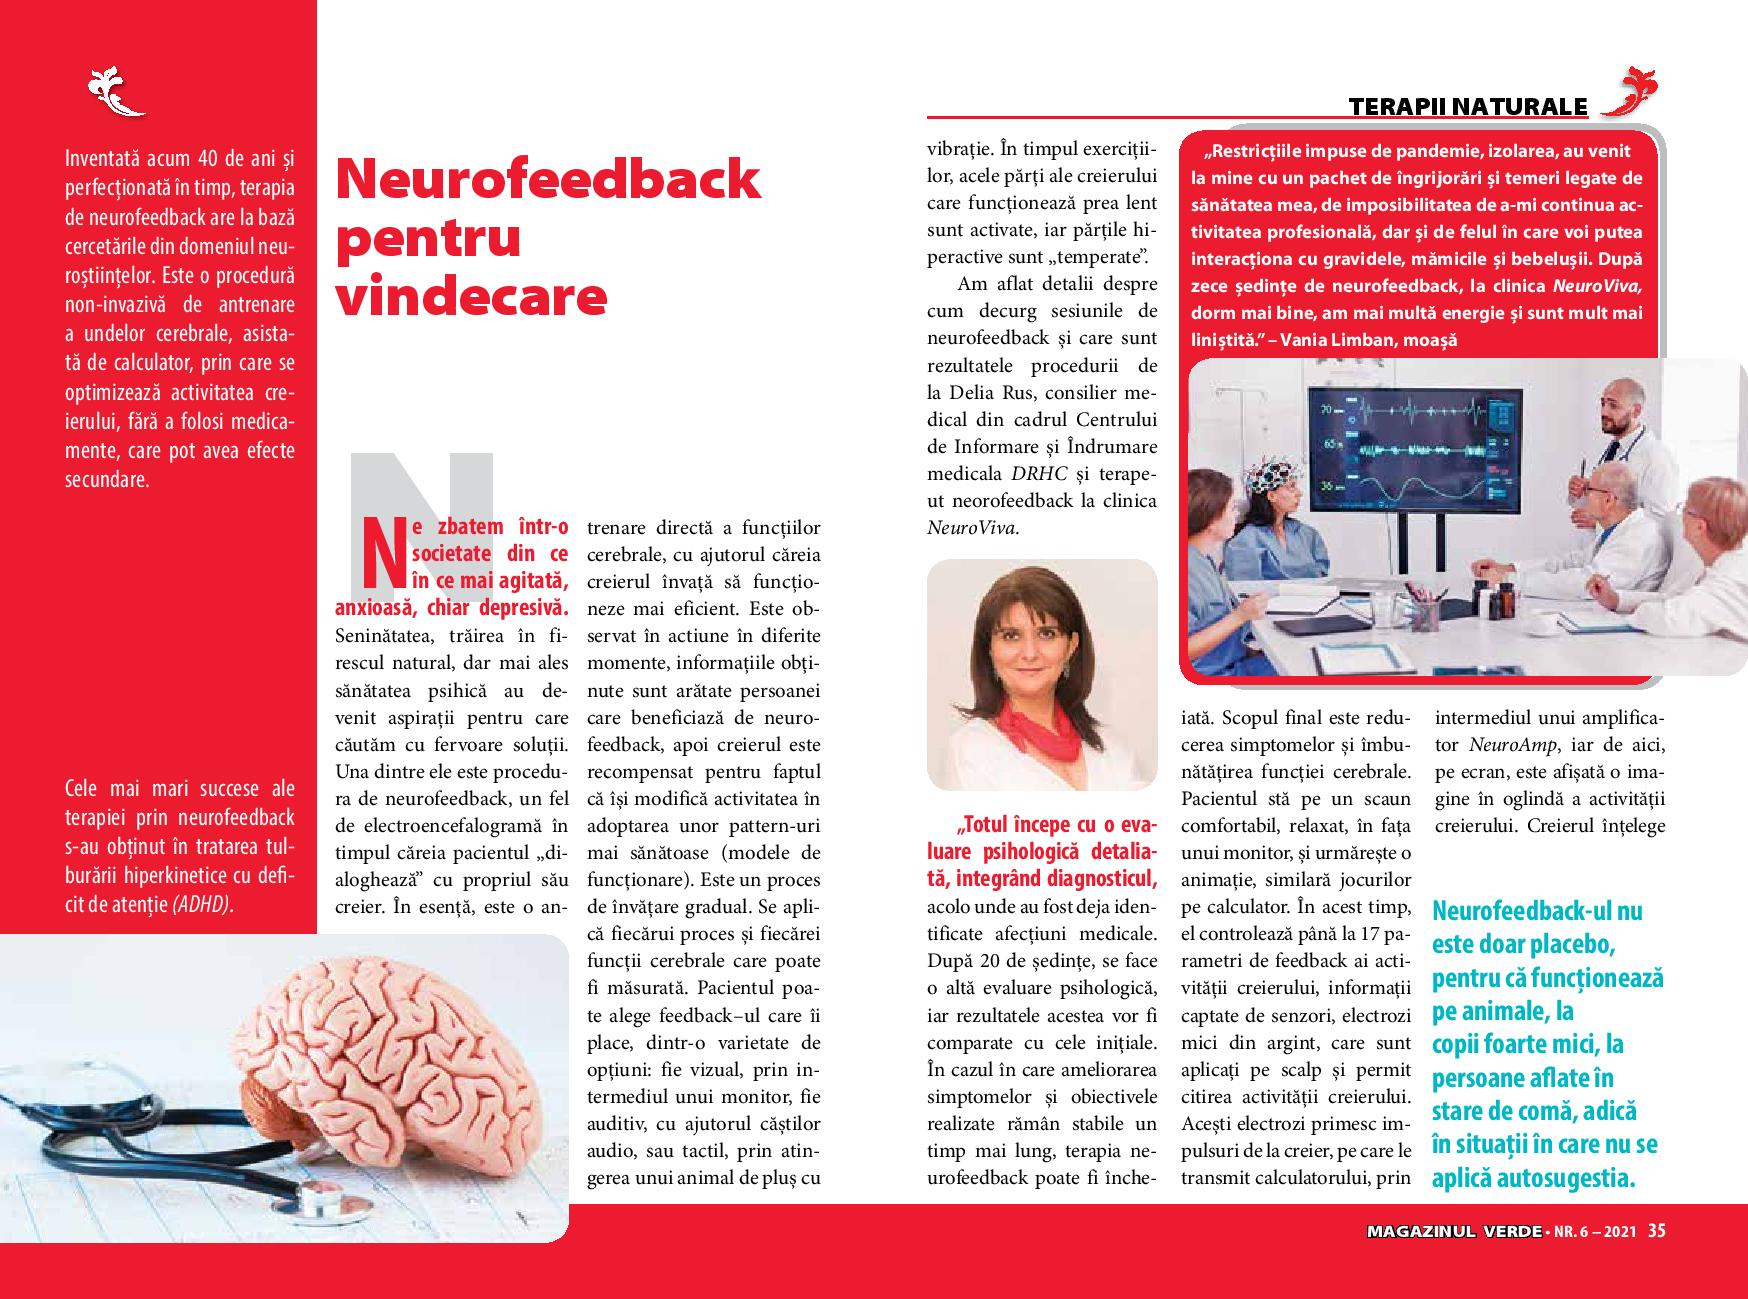 neurofeedback pentru vindecare